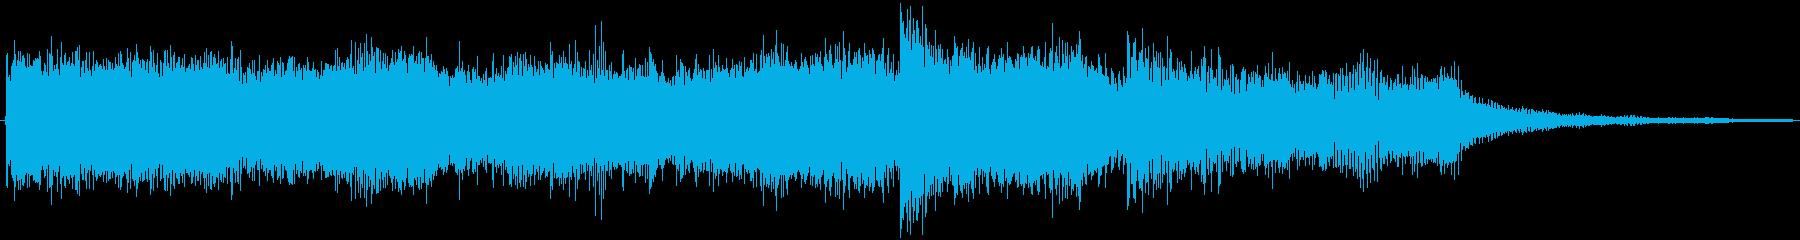 ゲーム等で使えるパワフルファンファーレの再生済みの波形